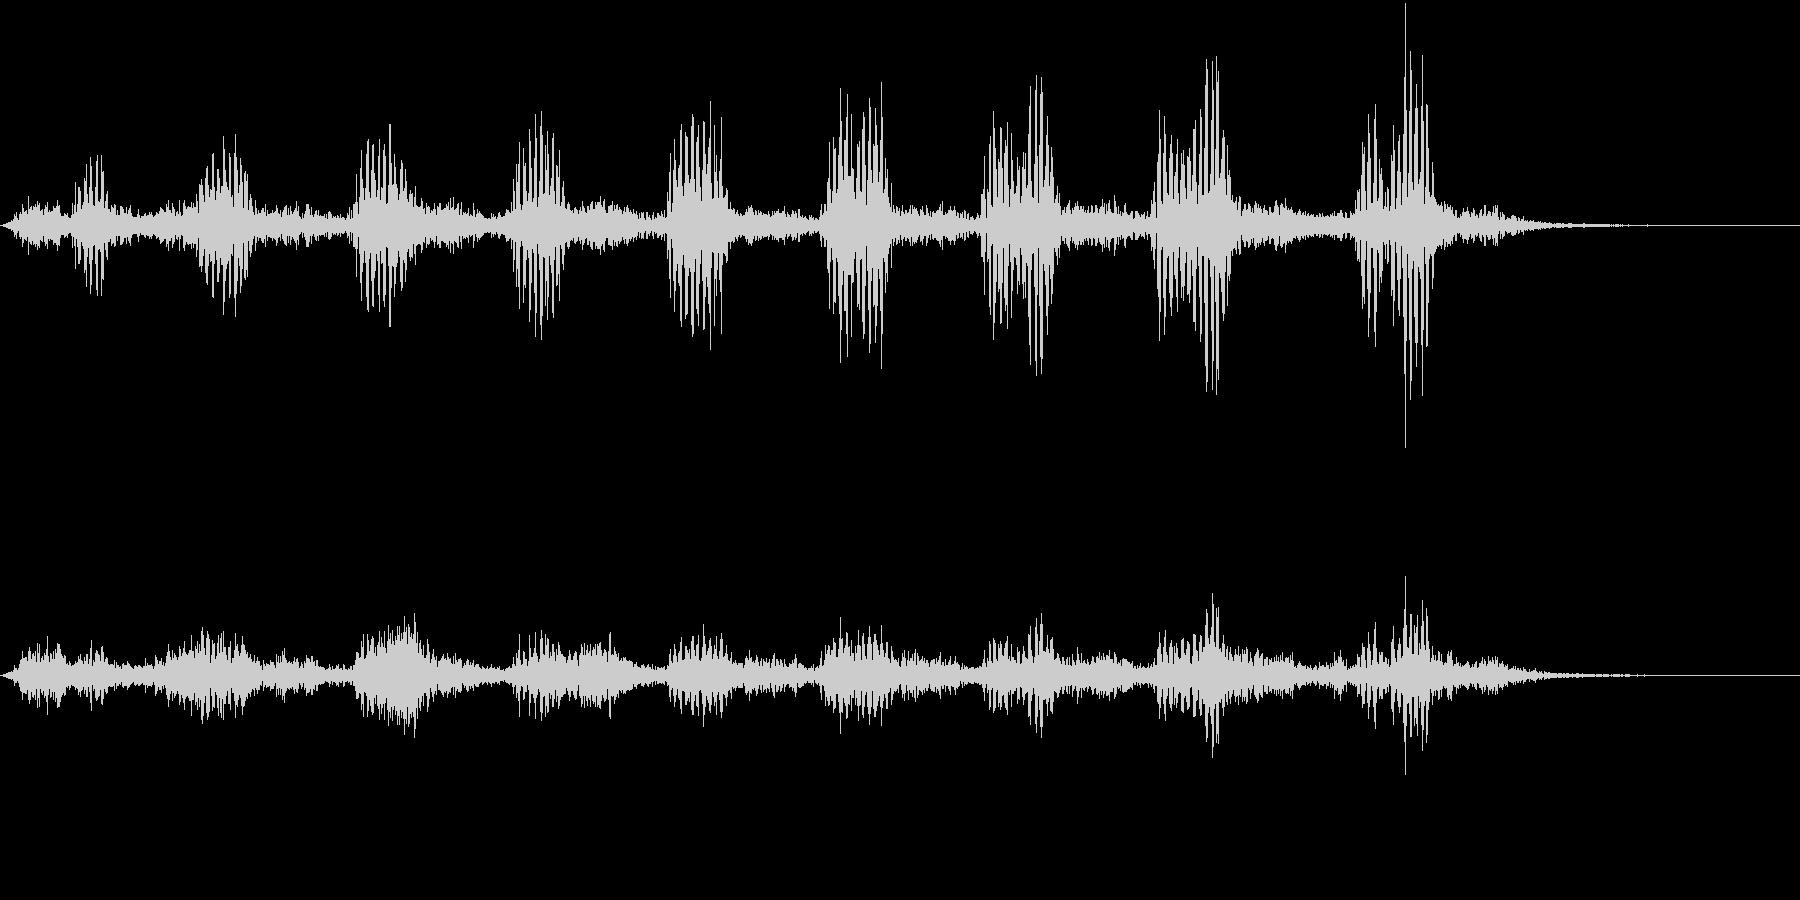 【生録音】フラミンゴの鳴き声 28の未再生の波形